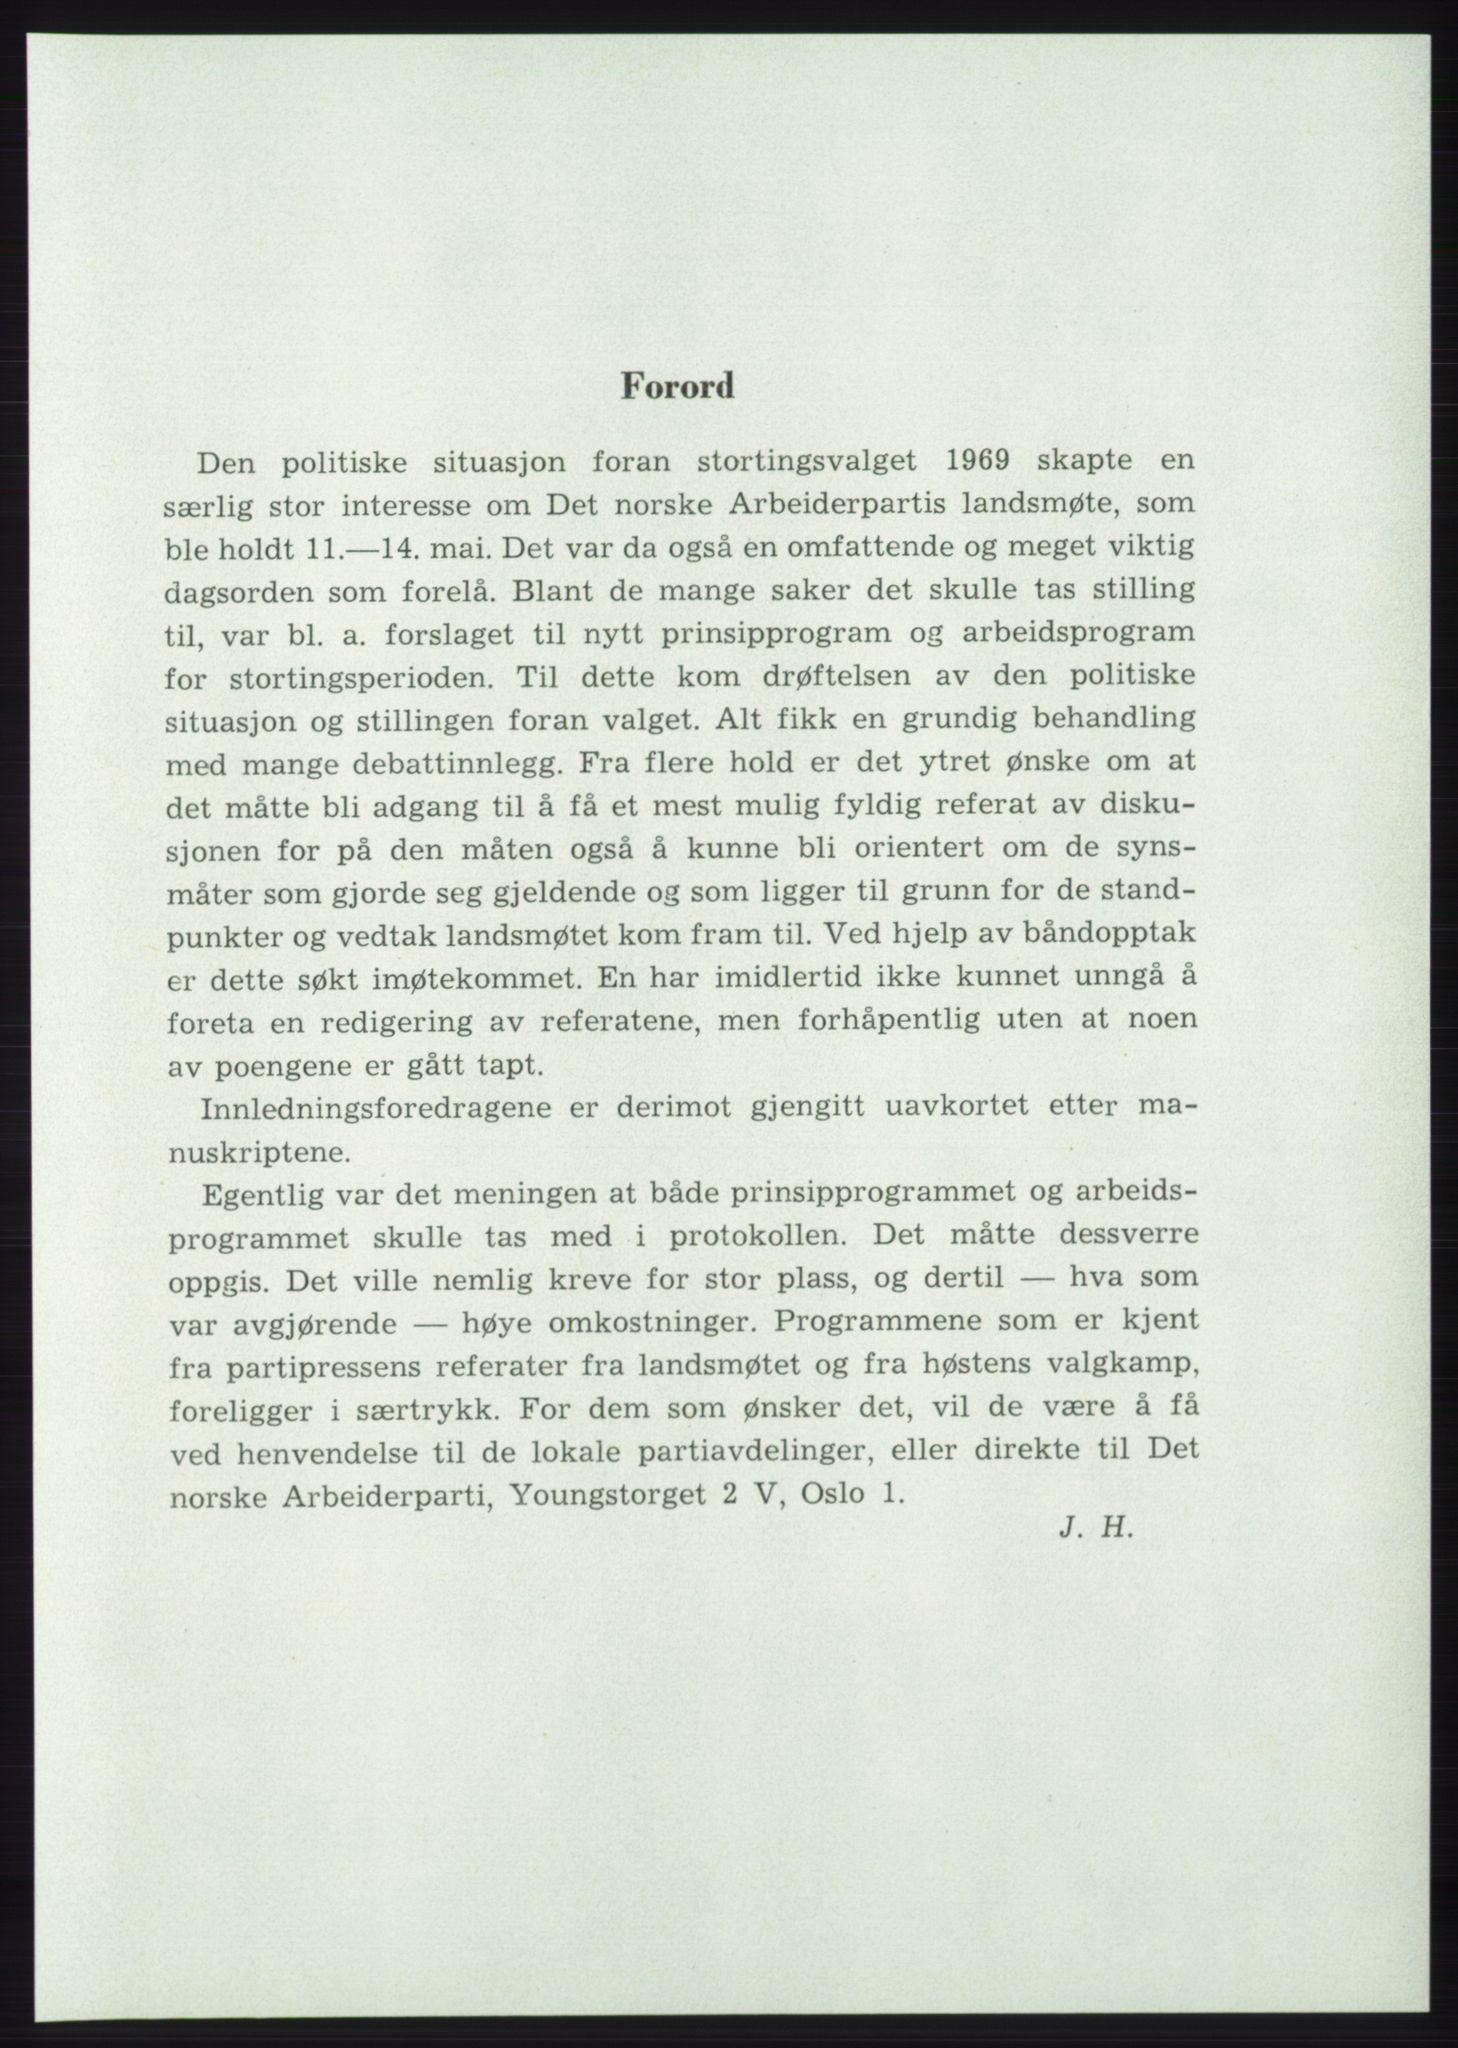 AAB, Det norske Arbeiderparti - publikasjoner, -/-: Protokoll over forhandlingene på det 42. ordinære landsmøte 11.-14. mai 1969 i Oslo, 1969